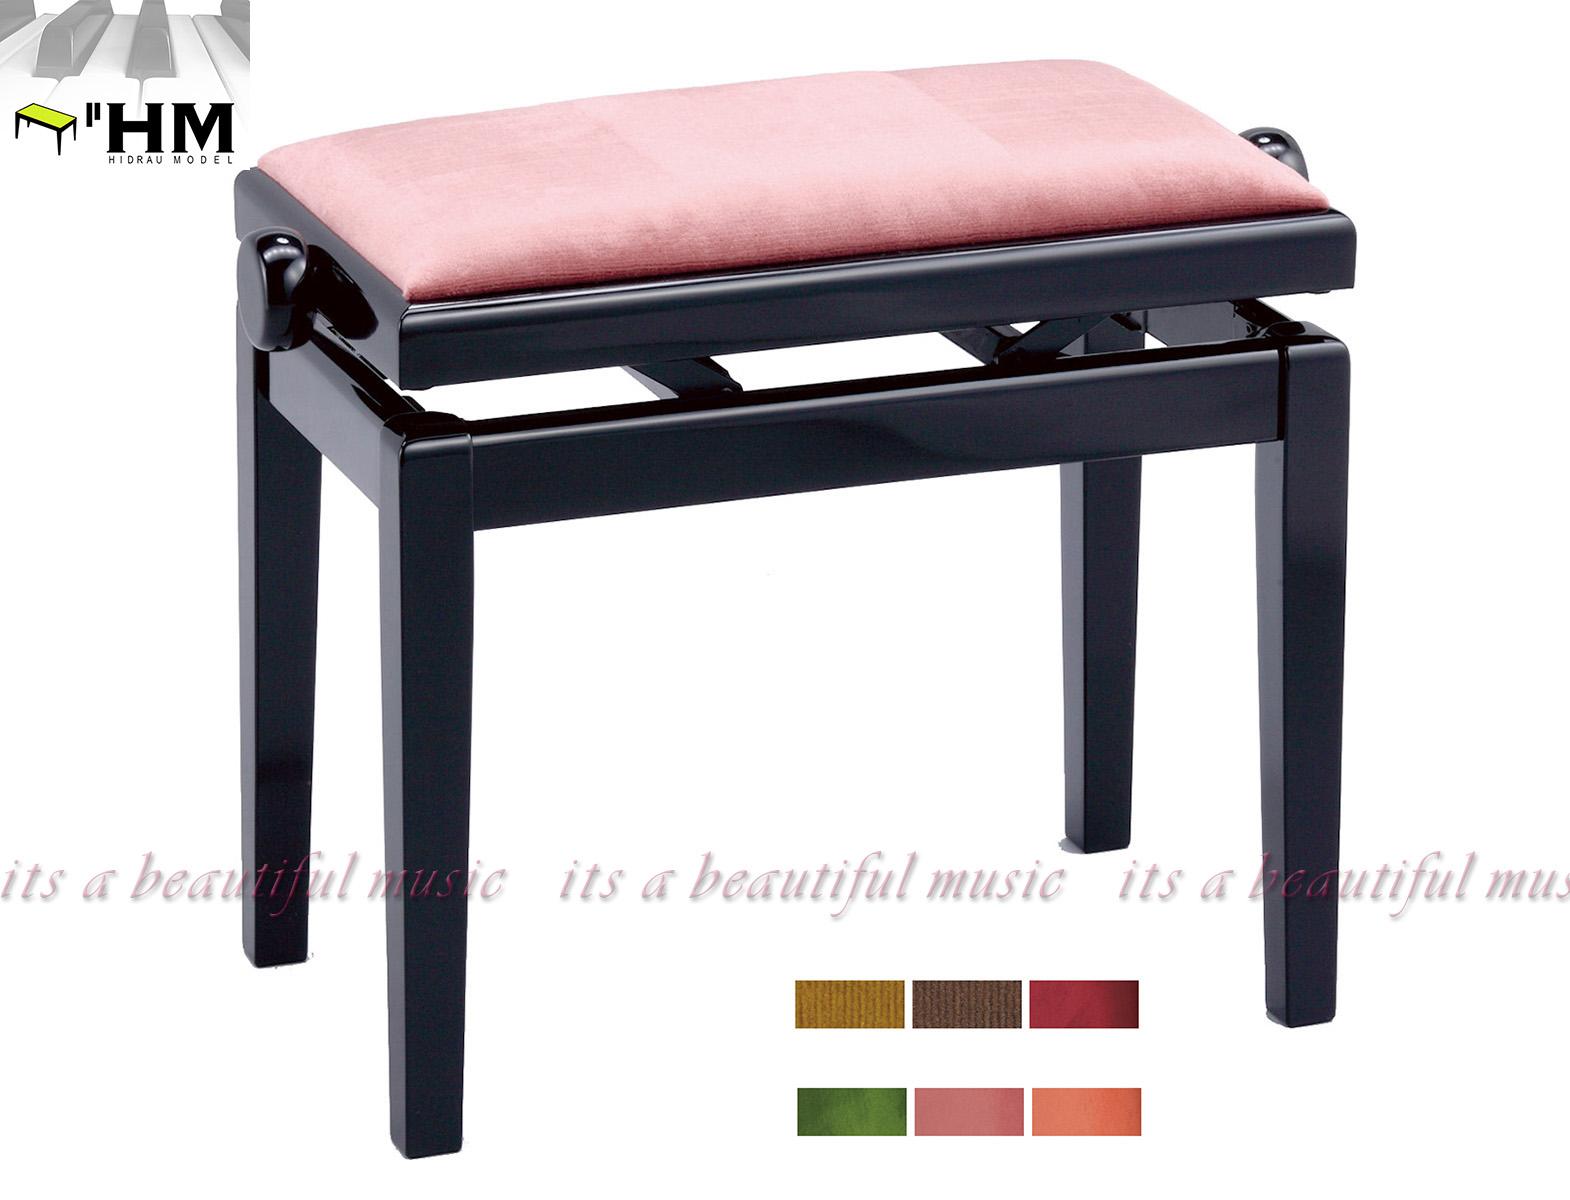 【its】スペイン/HIDRAU社 高級輸入ピアノ椅子 BG-1(黒塗り)※座面が6色から選べます!